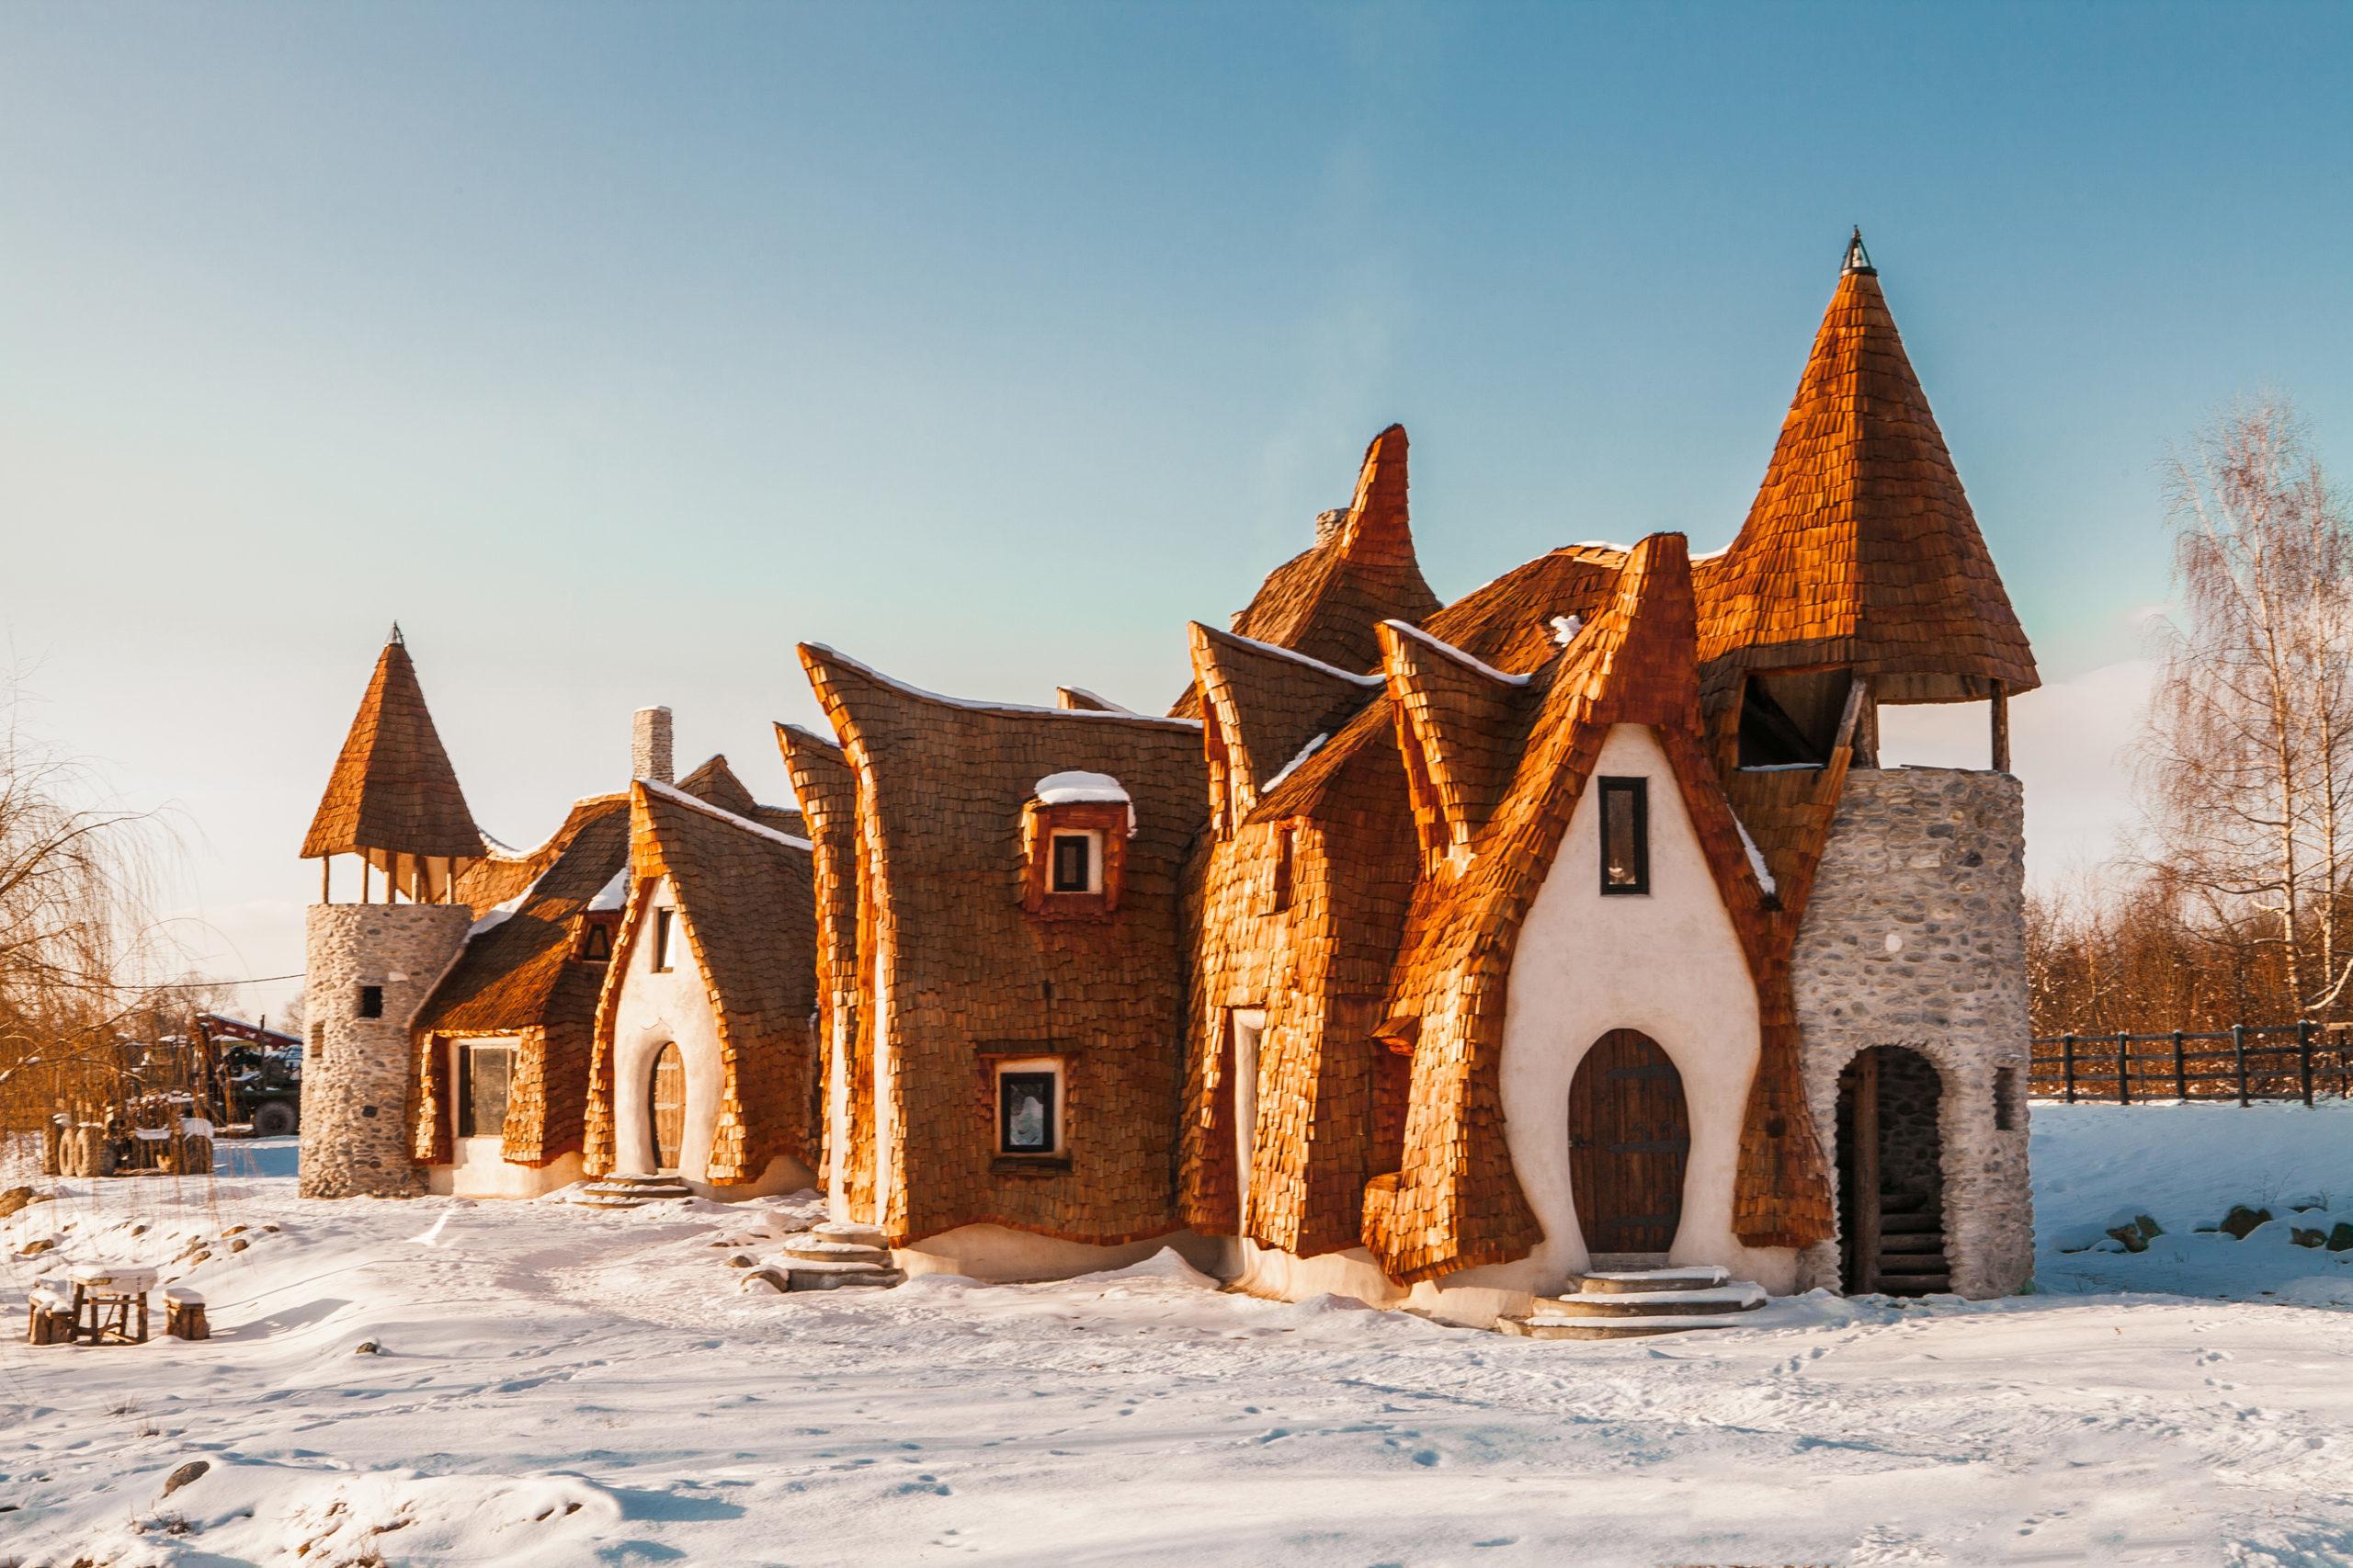 Castelul de Lut Valea Zanelor Sibiu Romania - Iarna